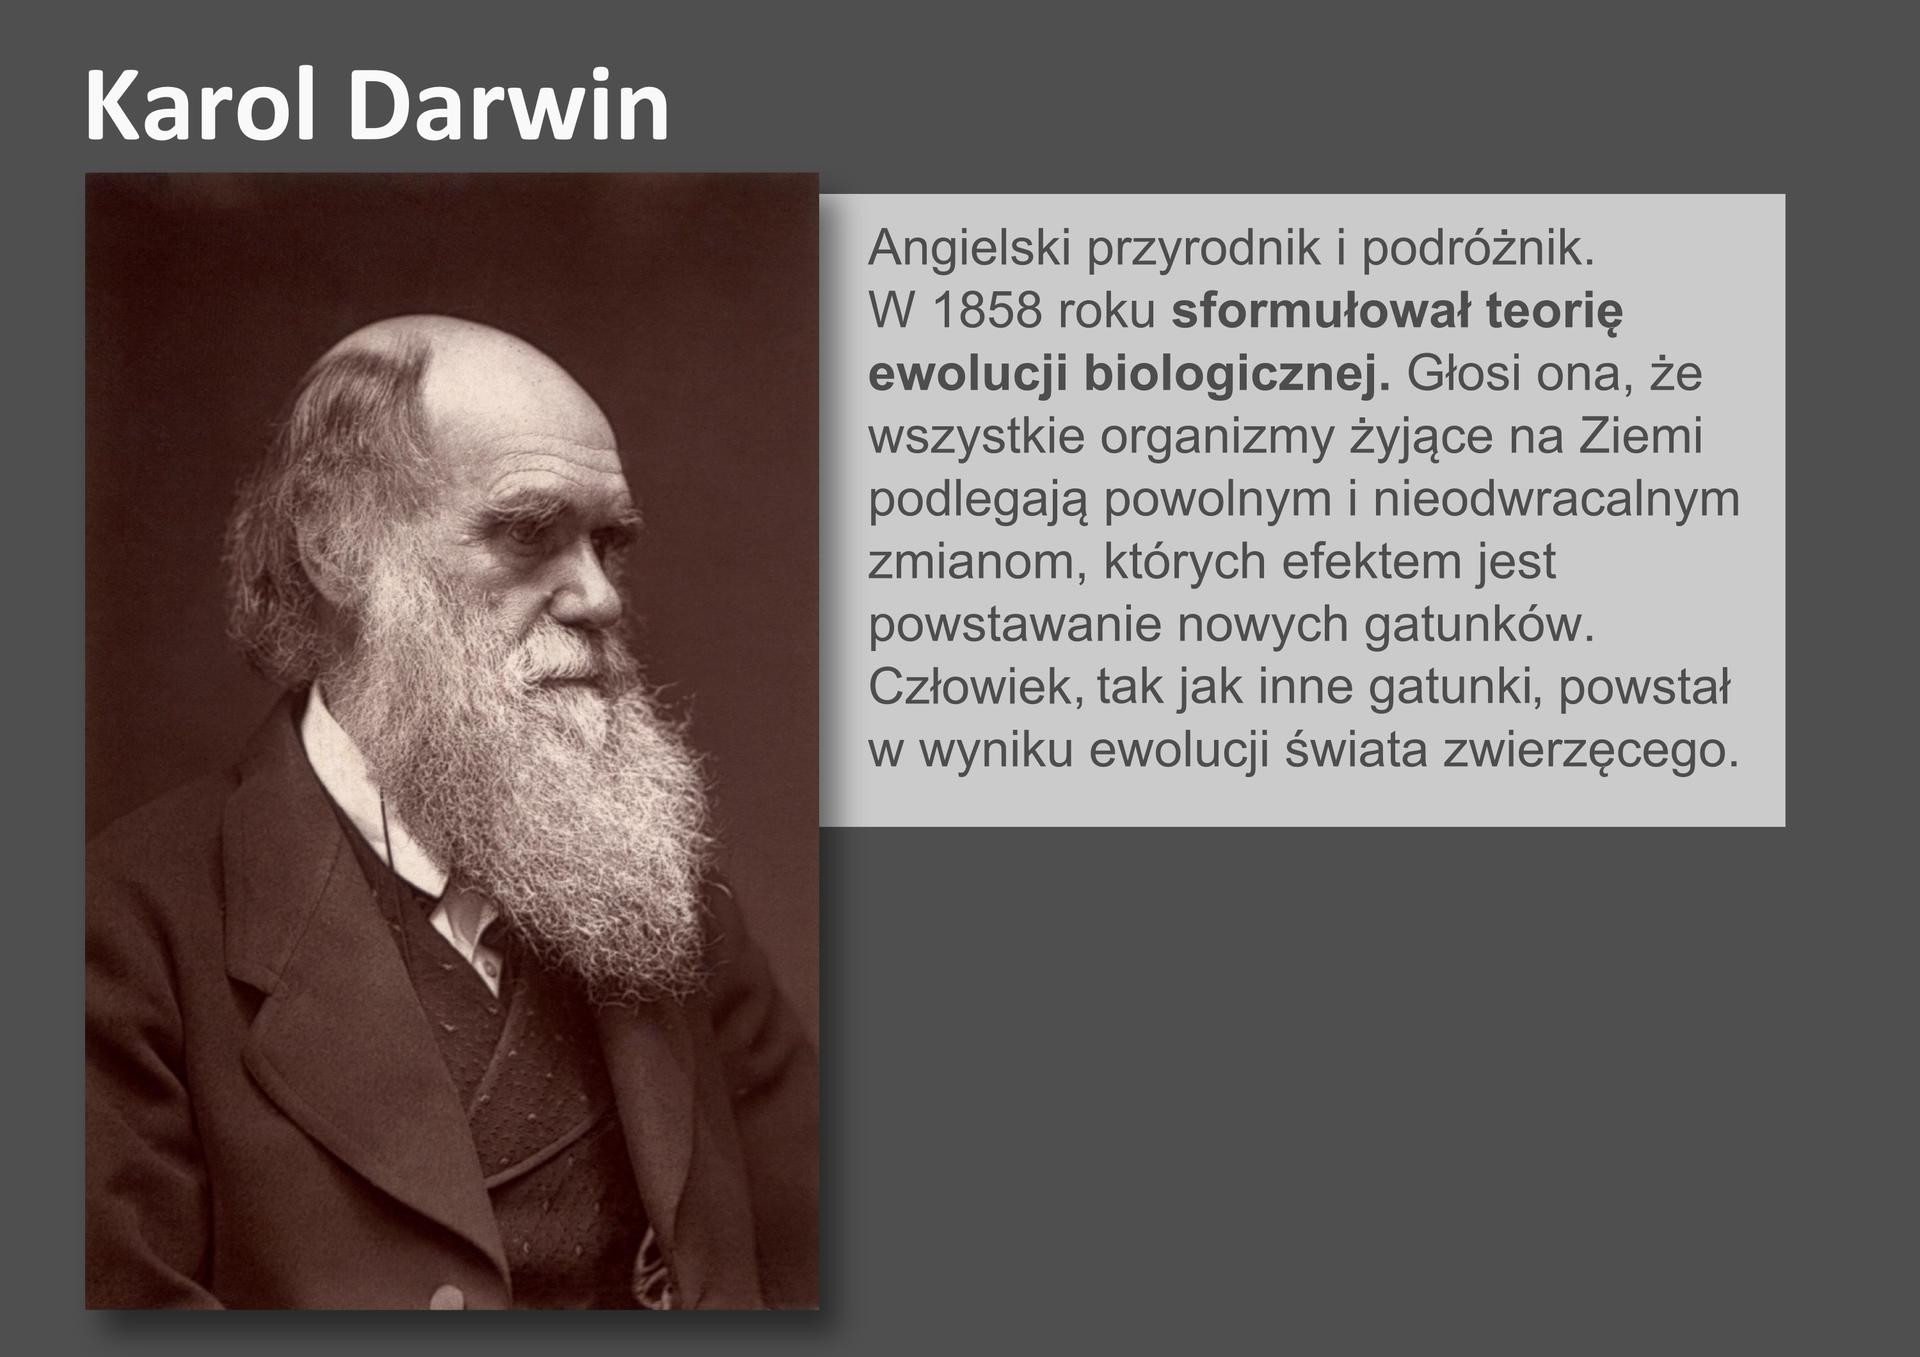 Galeria przedstawia pionierów nauk przyrodniczych. Składa się zdziewięciu slajdów wpostaci ilustracji iumieszczonego obok opisu. Ilustracje pojawiają się kolejno, kiedy klika się wstrzałki, znajdujące się po prawej ilewej stronie ilustracji. Szósty slajd przedstawia czarno – białą fotografię Karola Darwina, angielskiego przyrodnika zdziewiętnastego wieku. Darwin ubrany jest wsurdut, kamizelkę ibiałą koszulę. Na tym zdjęciu ma łysinę, resztki siwych włosów idługą, siwą brodę. W1858 roku Darwin ogłosił teorię ewolucji biologicznej, wktórej znalazł się pogląd, że człowiek tak jak inne gatunki powstał wdrodze ewolucji świata zwierzęcego.